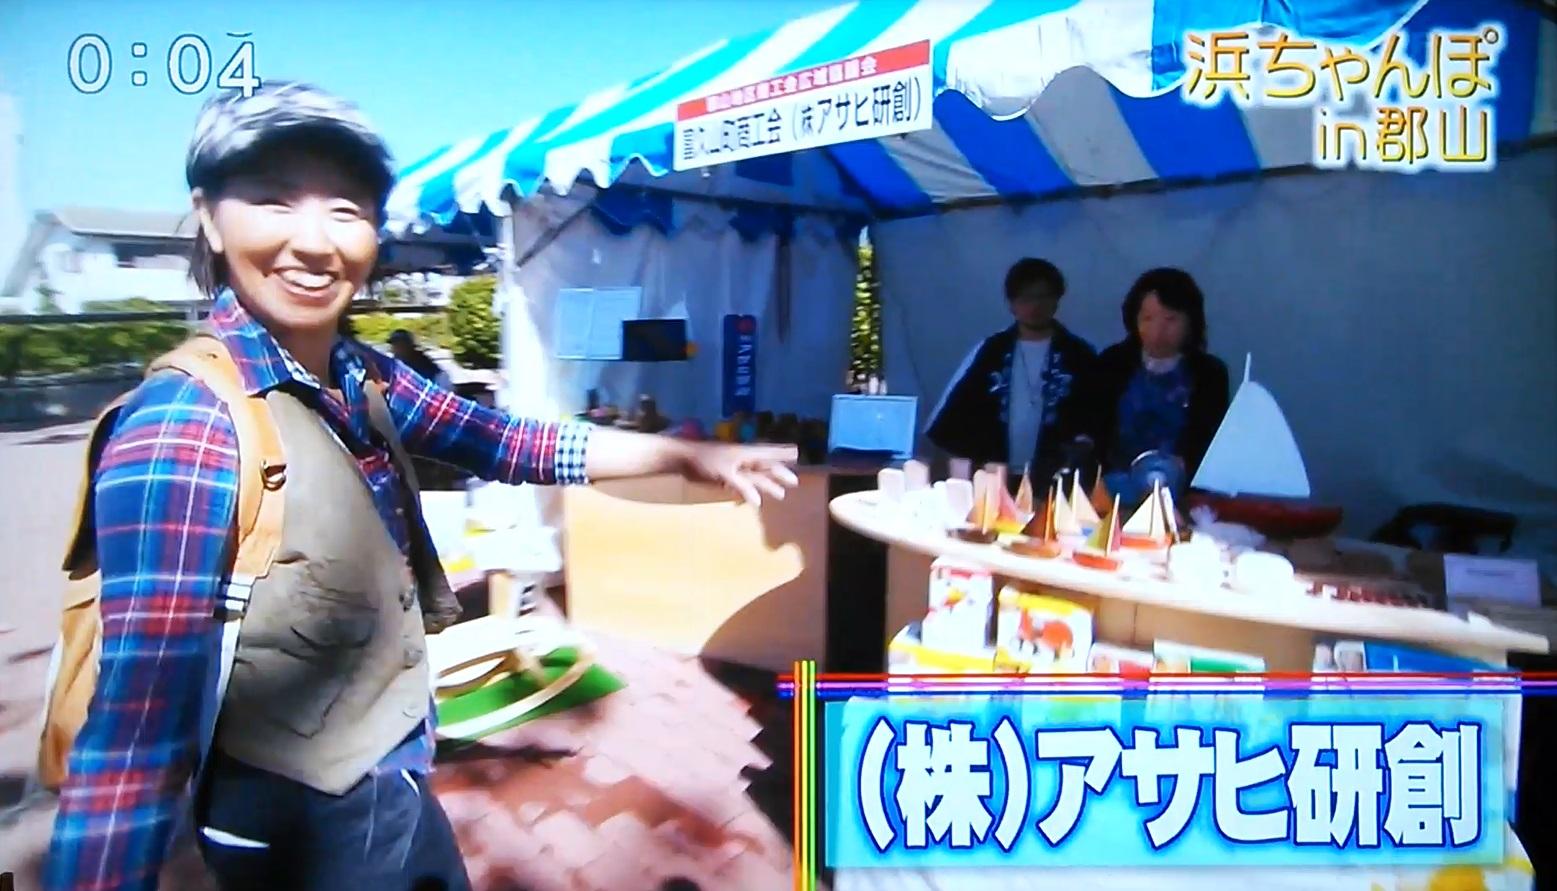 サタふく『浜ちゃんぽ』で放映されました!!_d0250833_1062997.jpg